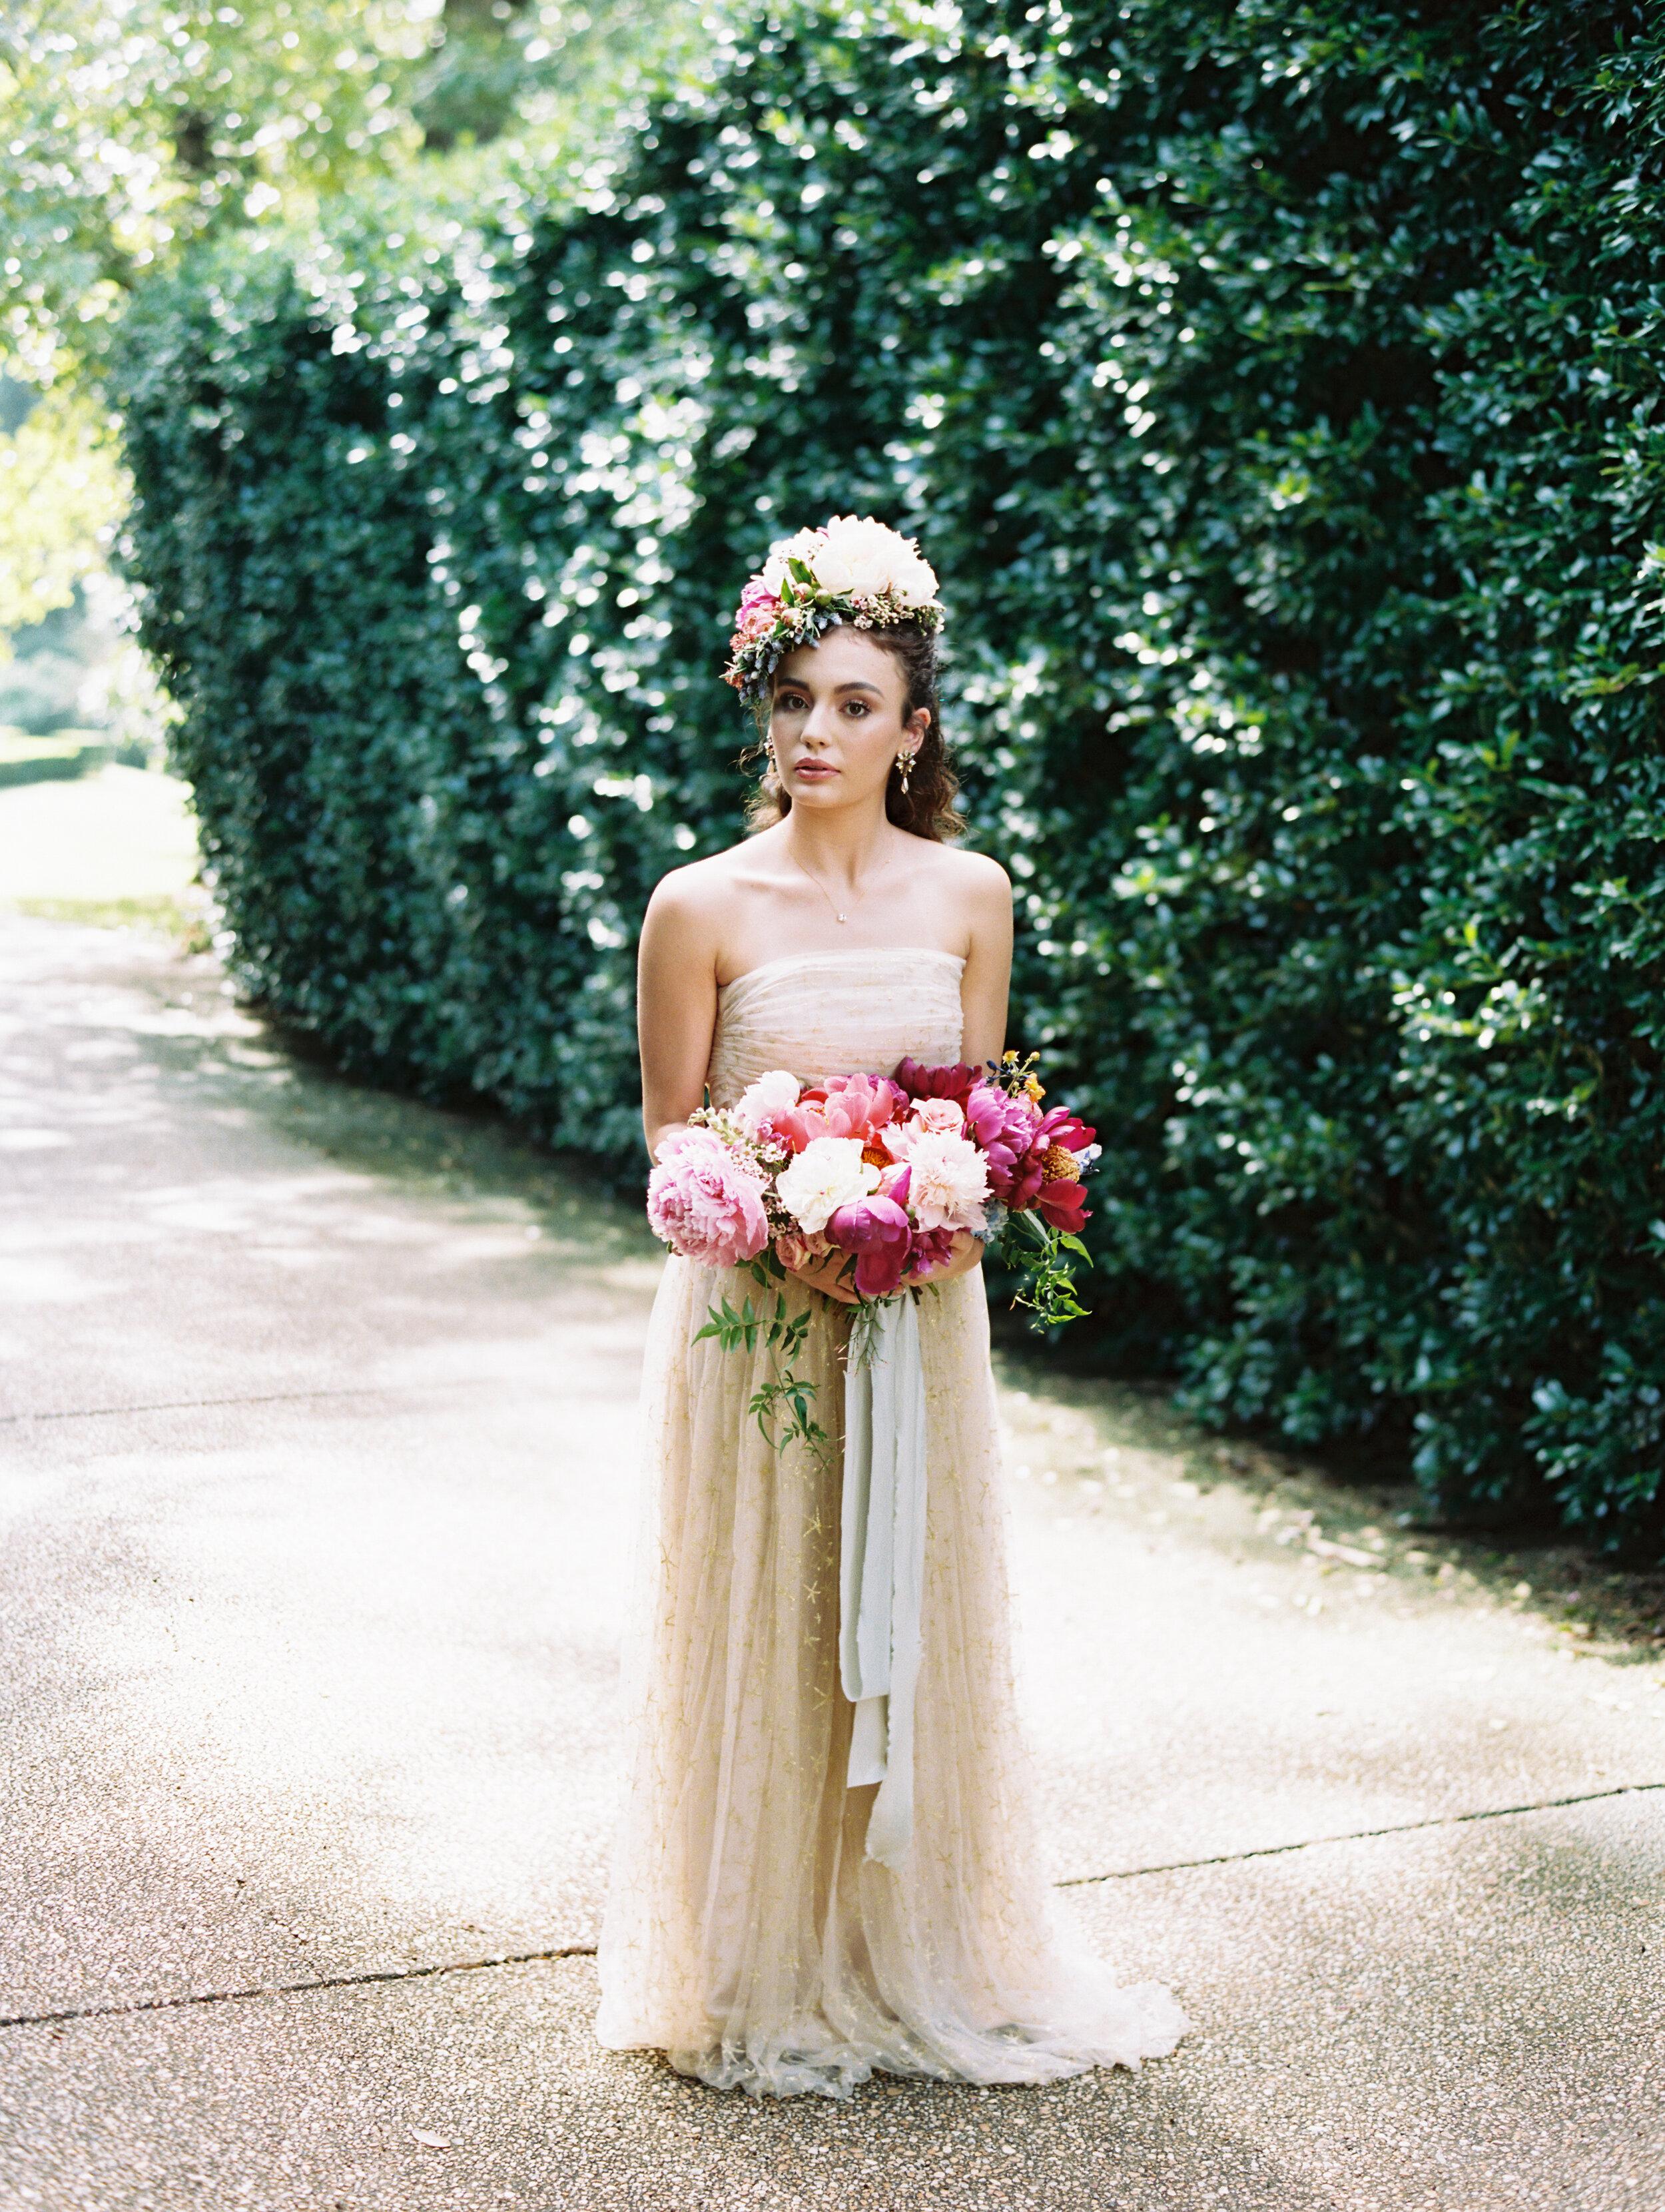 ChattanoogaFineArtWeddingPhotographer_AbigailLewisPhoto (64 of 99).jpg